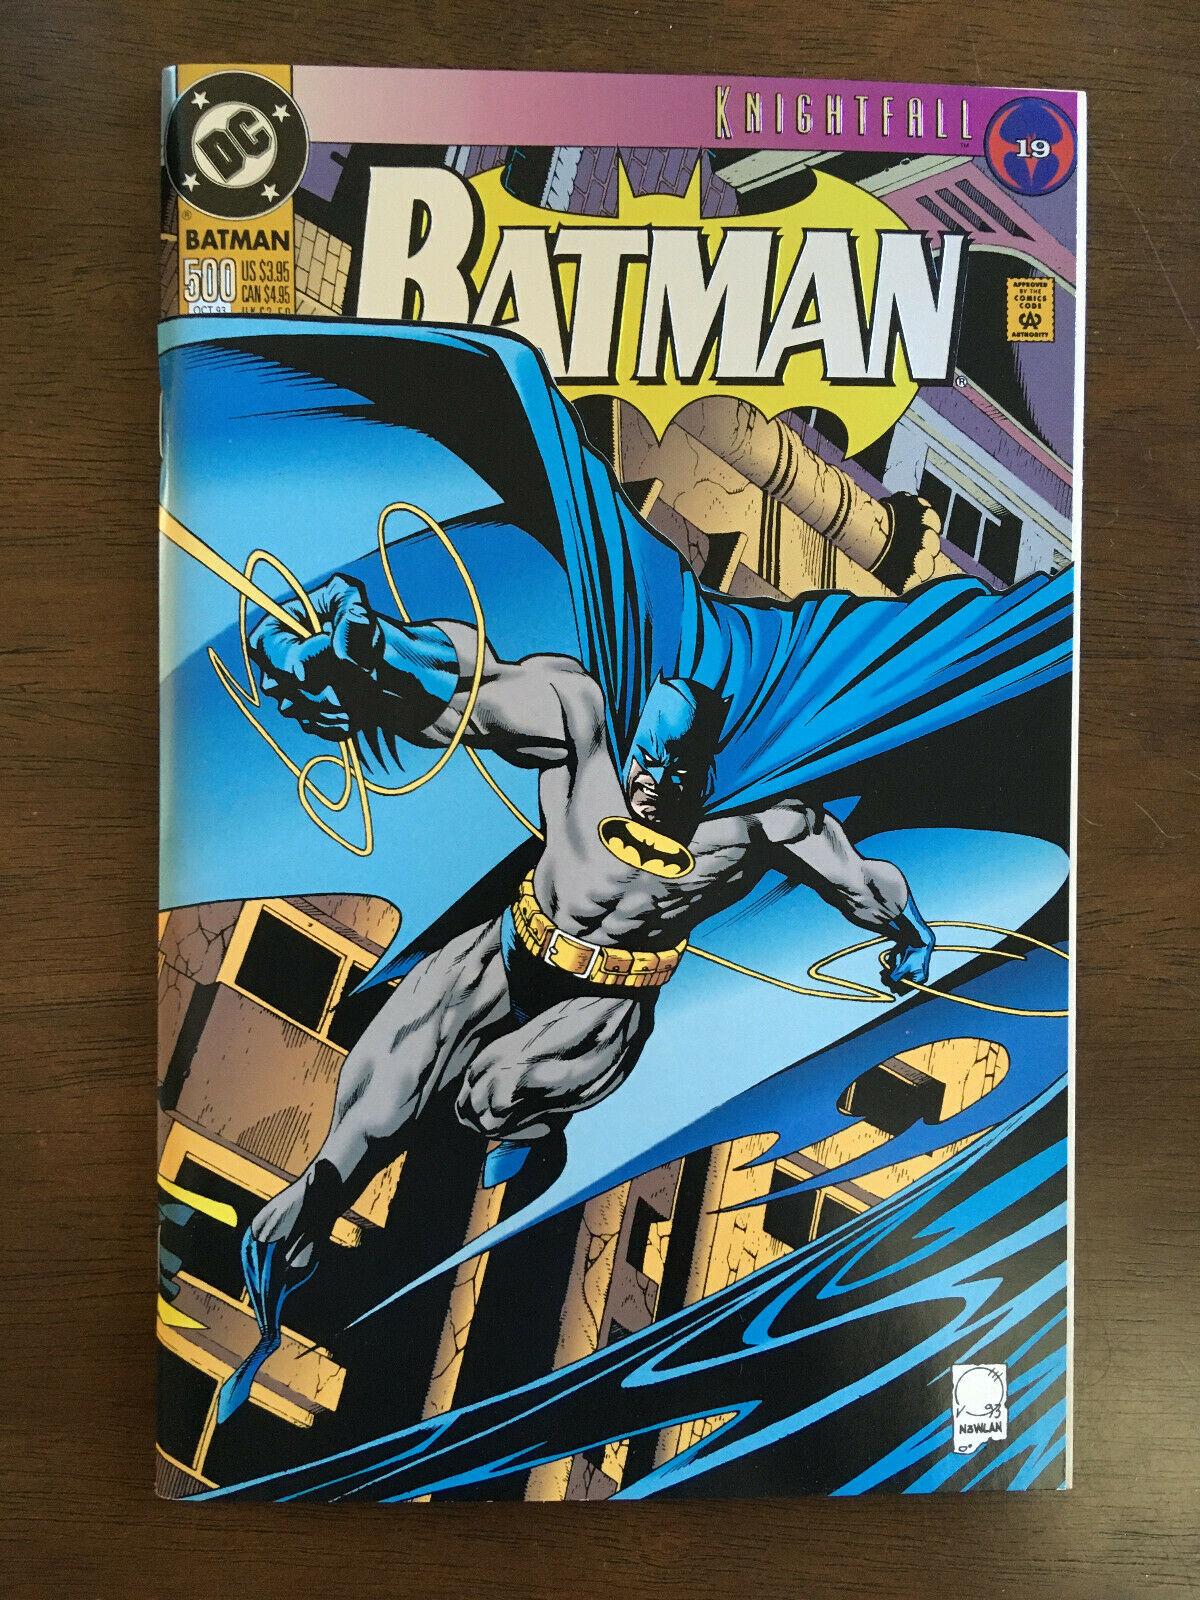 dc batman 15 knightfall Value $15.15   $15.315   MAVIN